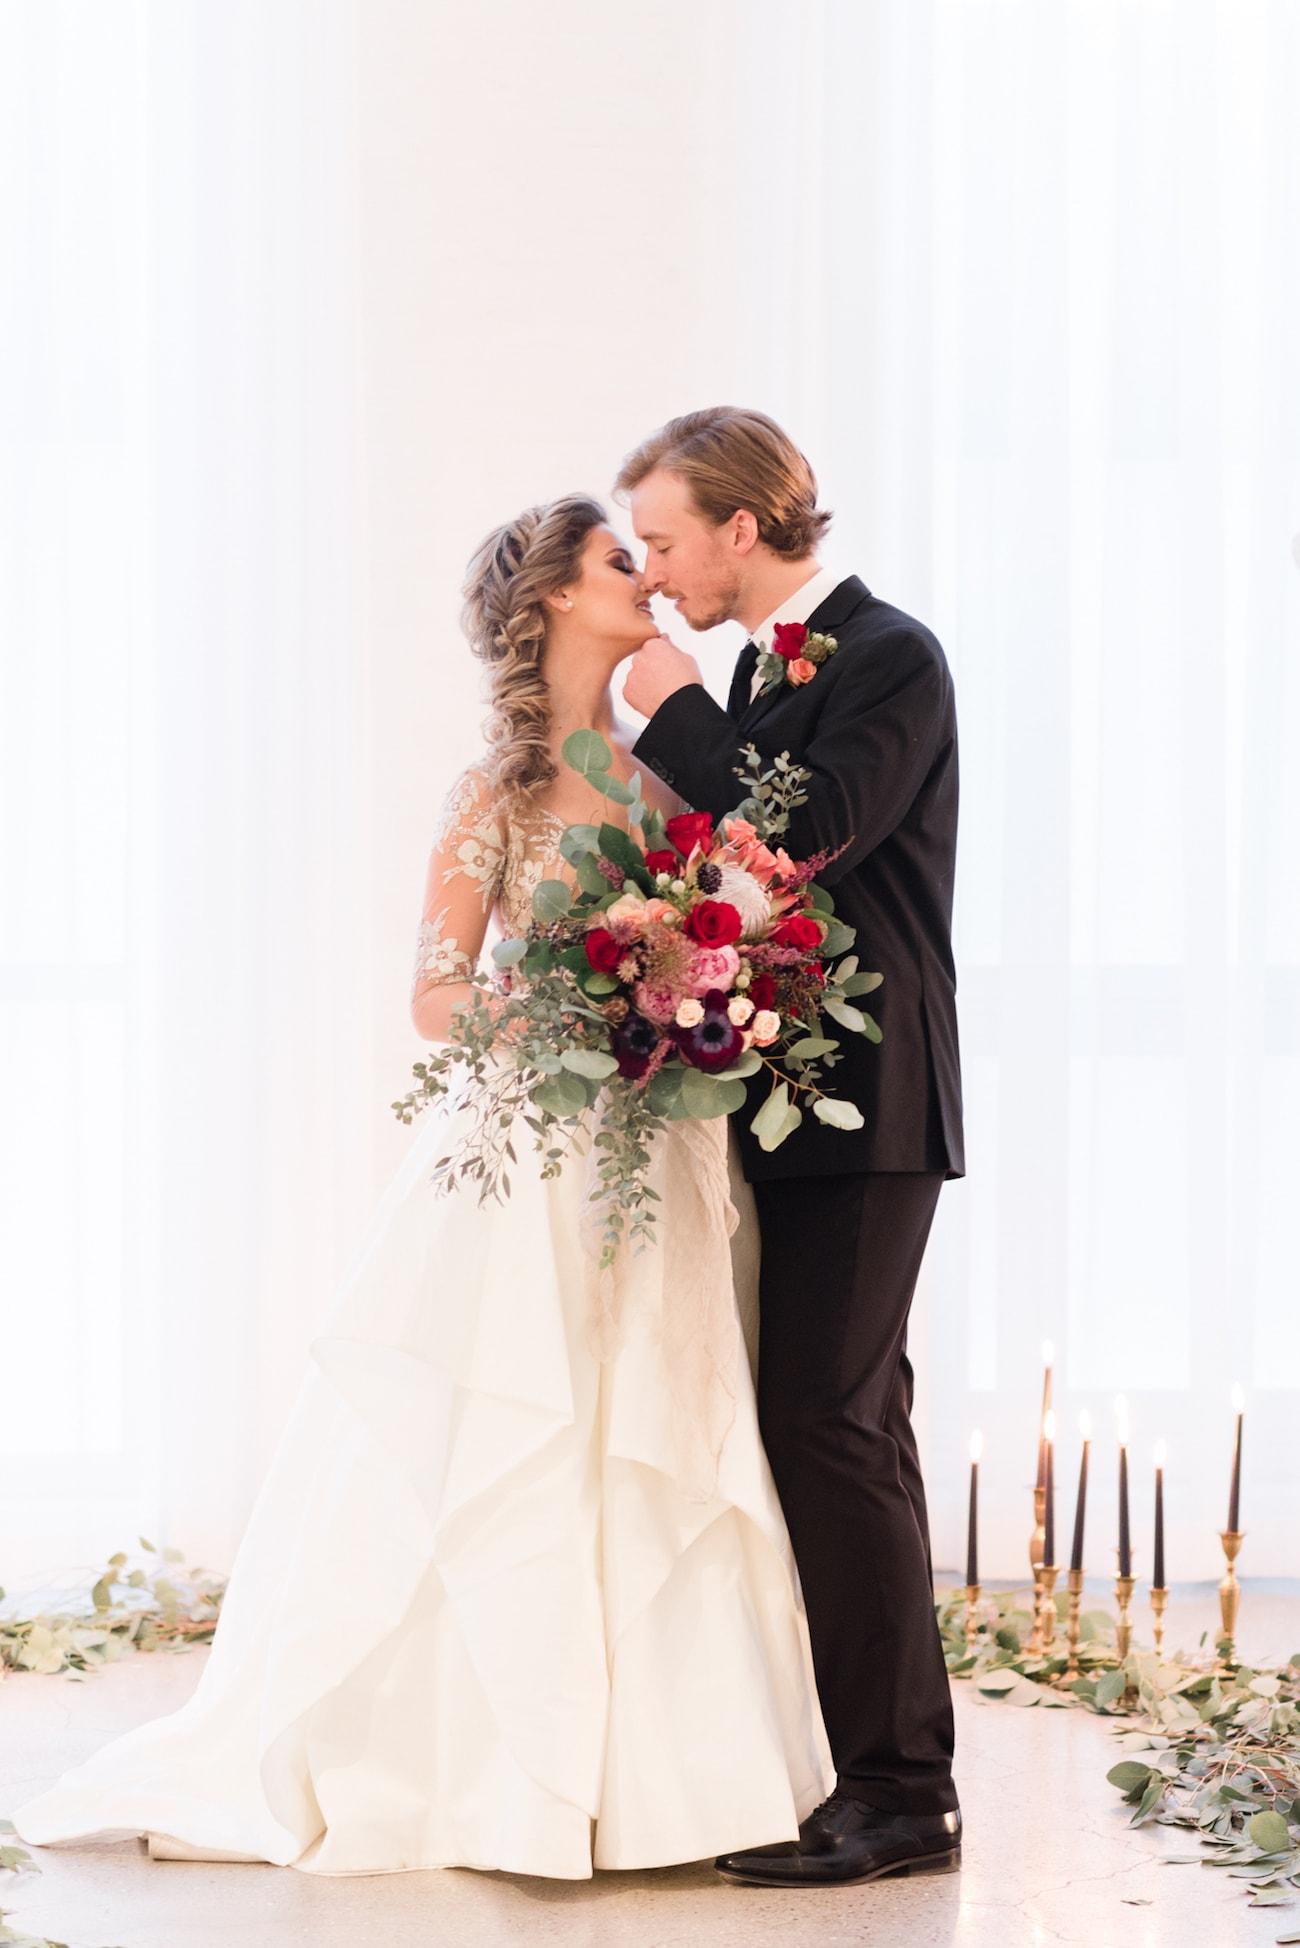 Summer Wedding Inspiration In Moody Tones By Tori Lynn